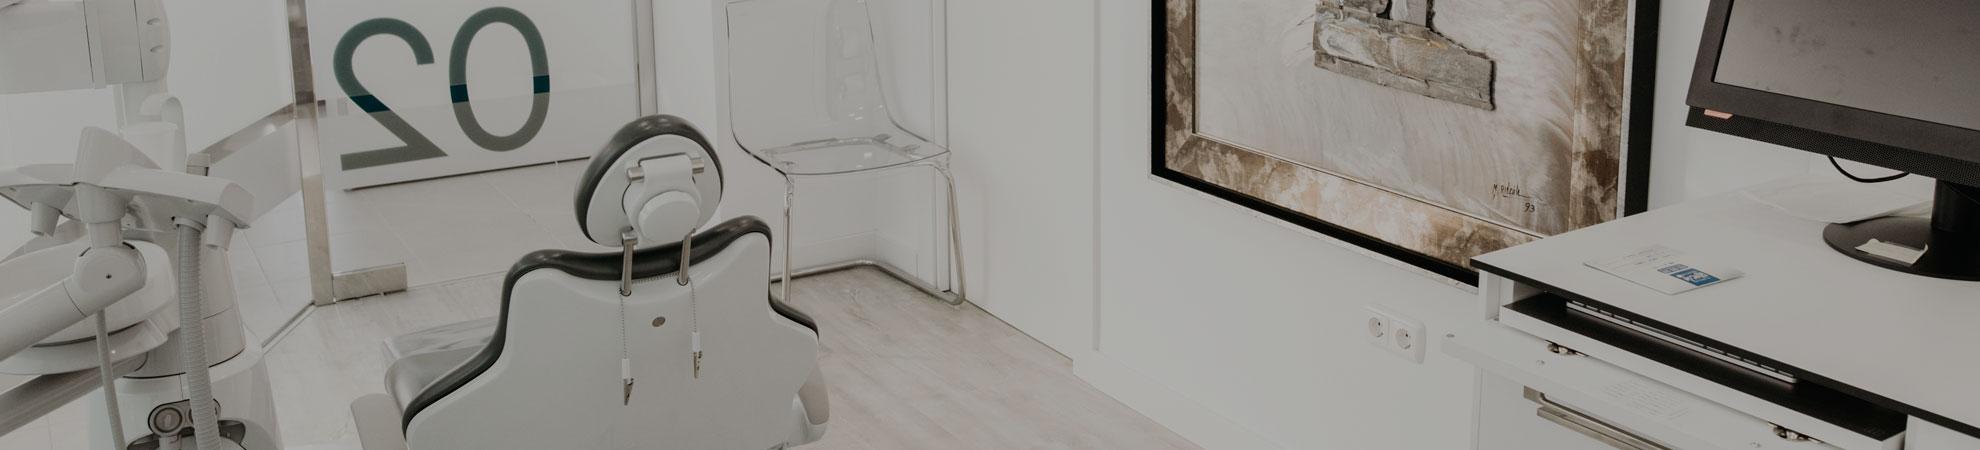 instalaciones-banner-lite